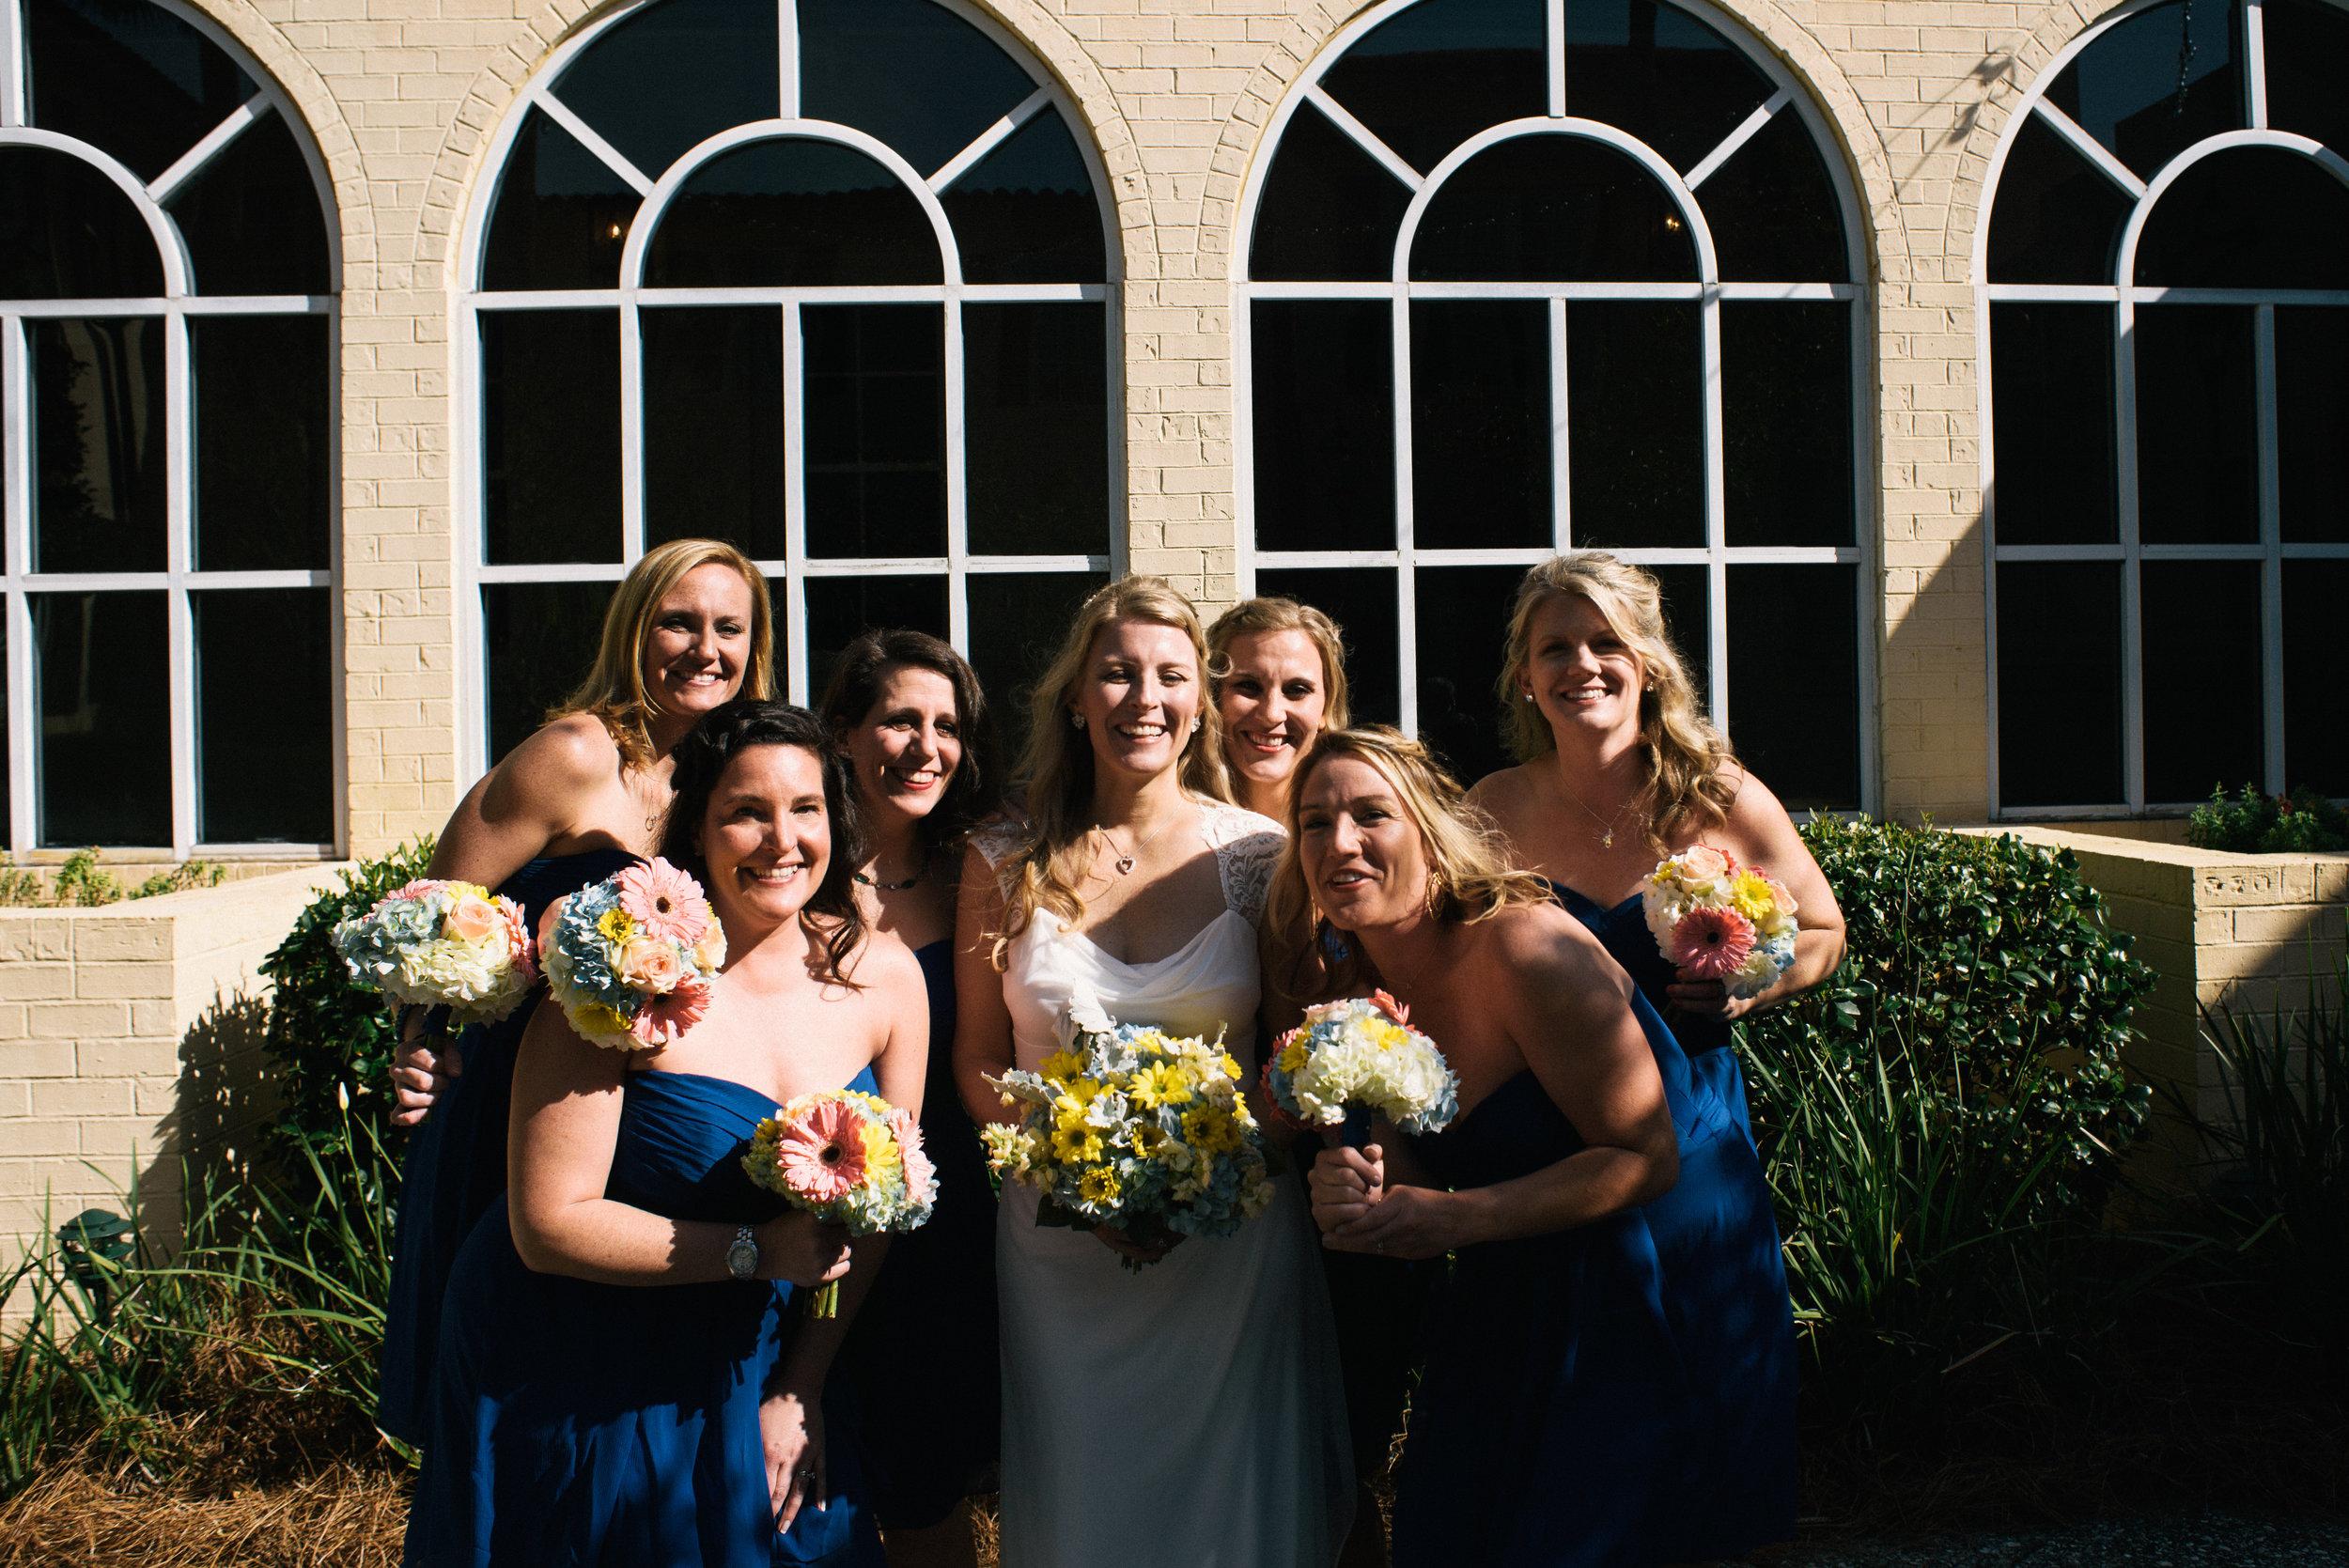 st-simons-island-elopement-photographer-savannah-elopement-photography-savannah-georgia-elopement-photographer-savannah-wedding-photographer-meg-hill-photo-jade-hill- (21 of 72).jpg